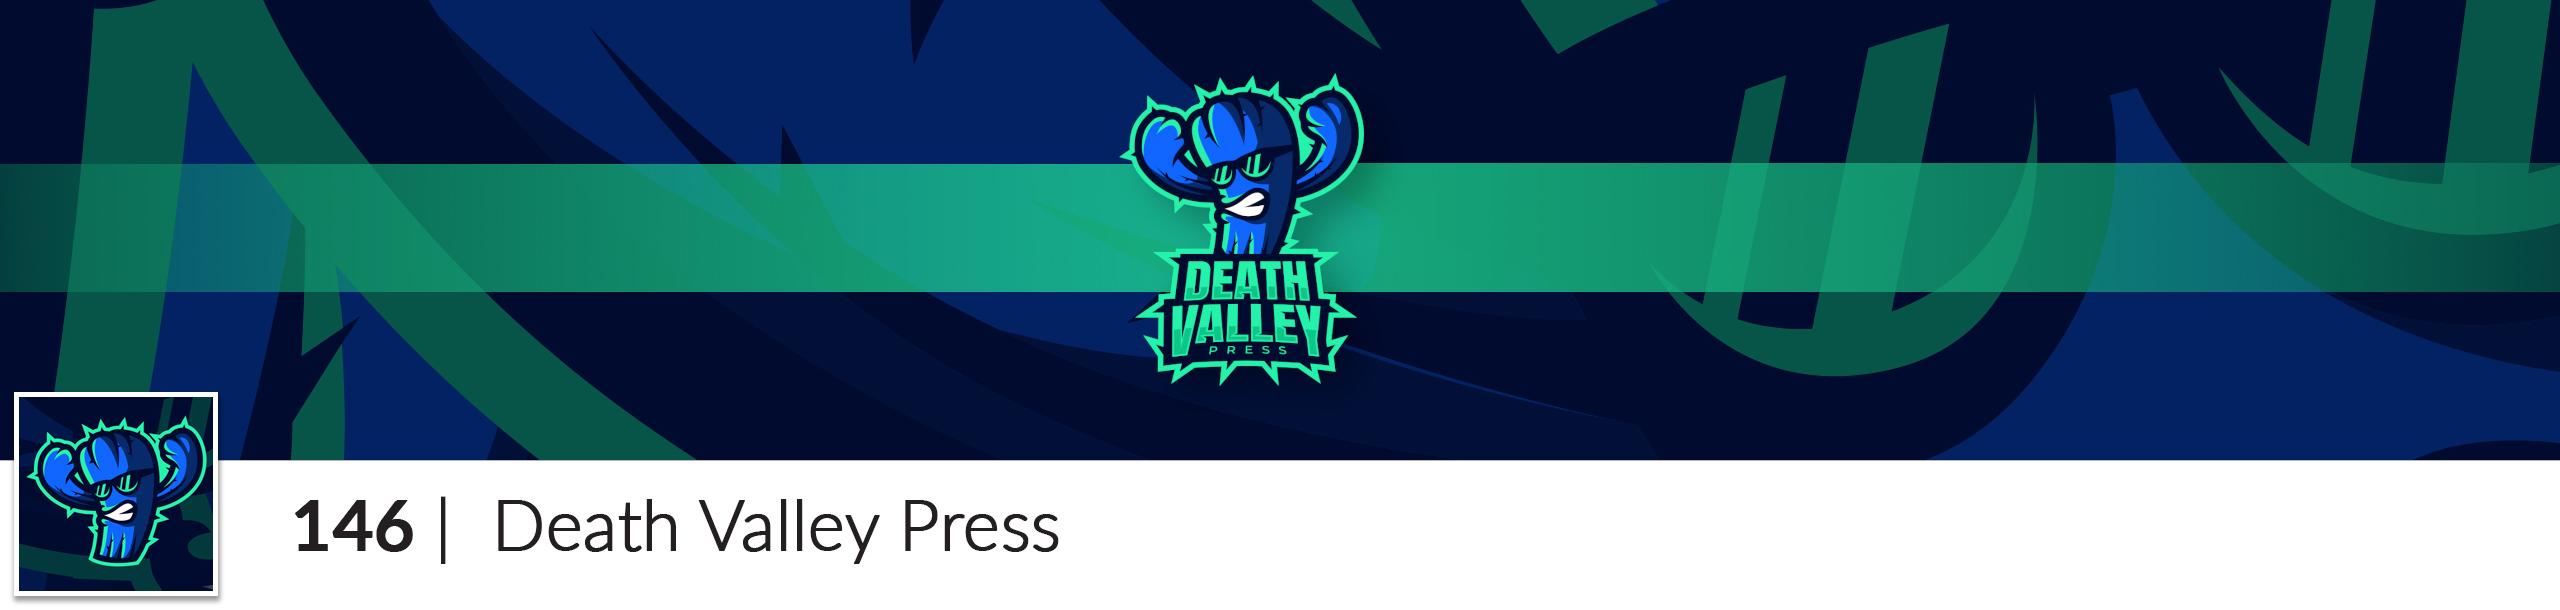 DeathValleyPress_header1